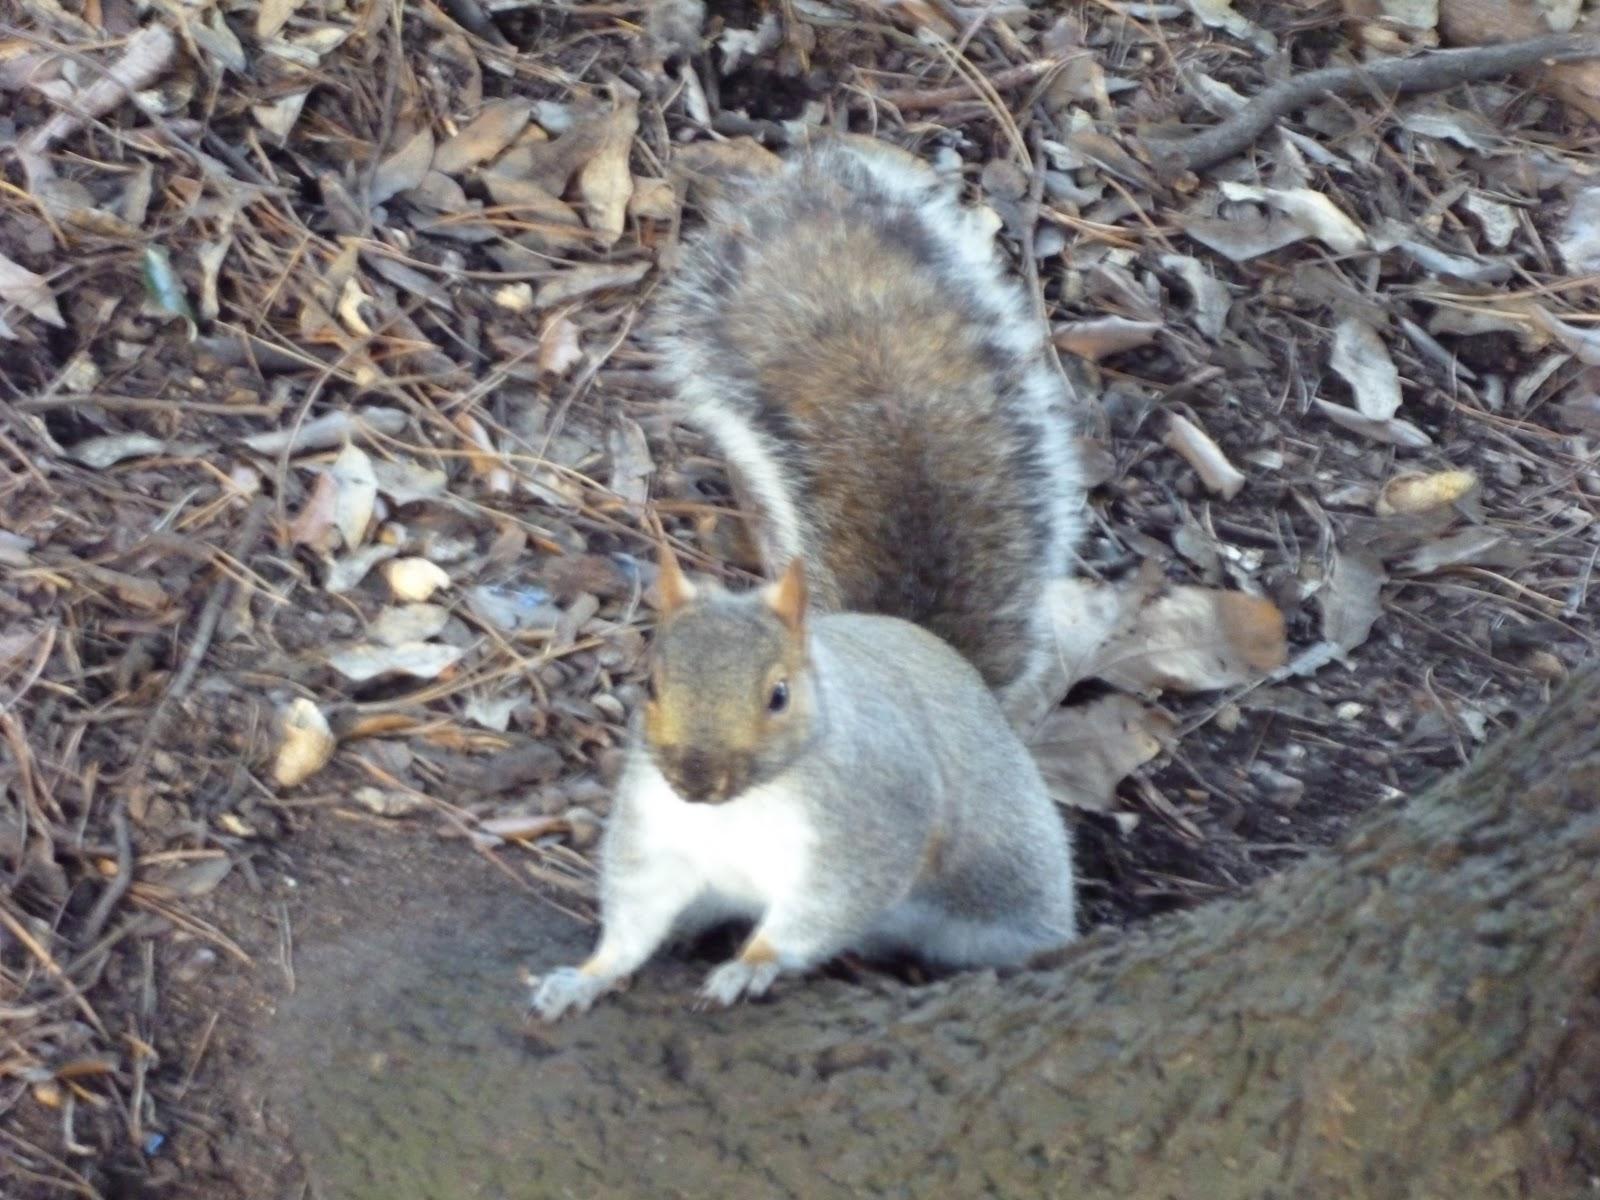 Can Squirrels Eat Rat Food